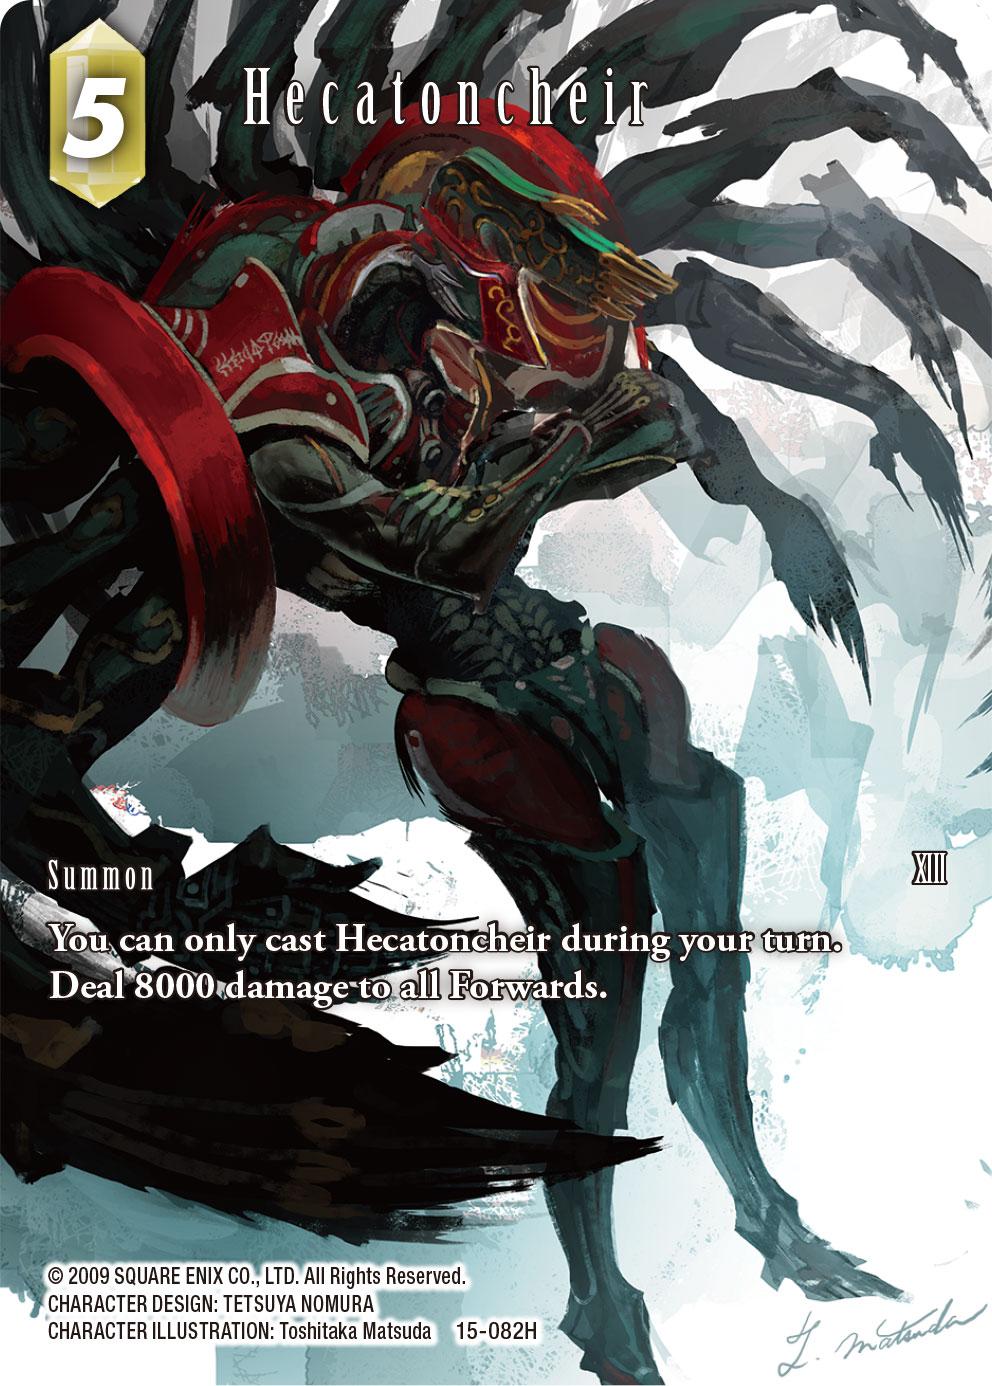 Hecatoncheir 15-082H Full Art